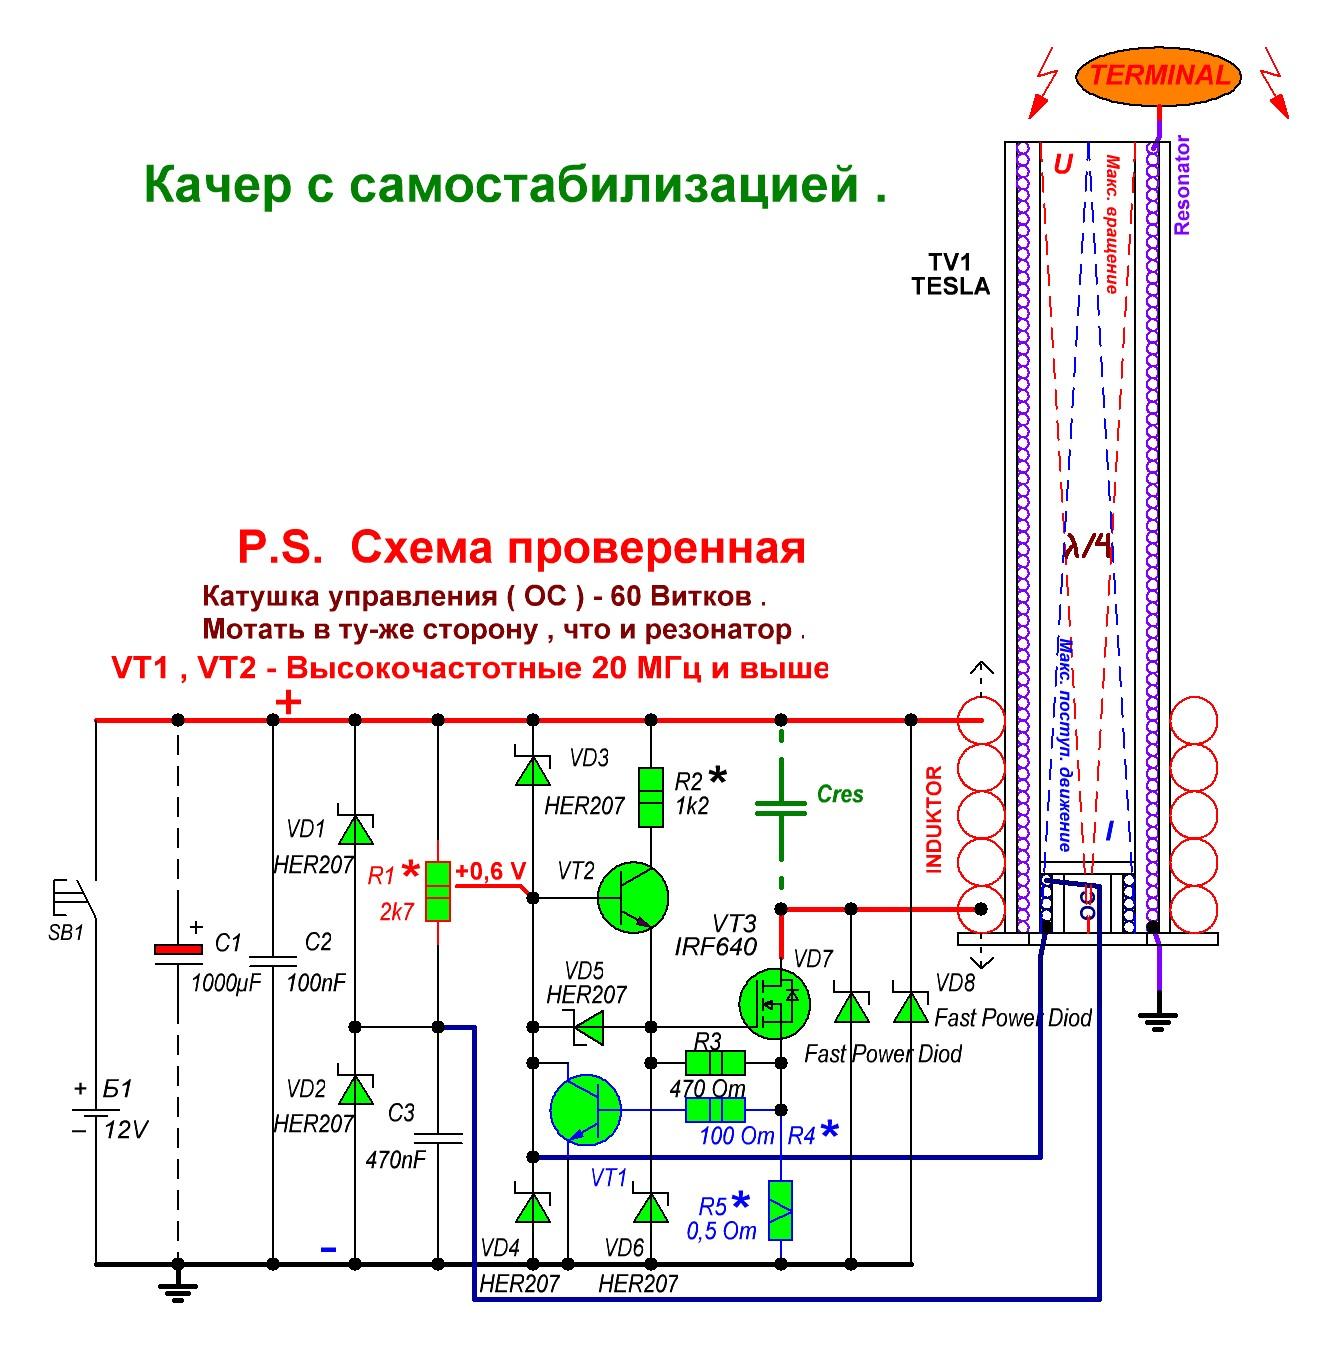 Качер (мини-SSTC ) с бестрансформаторным питанием 50